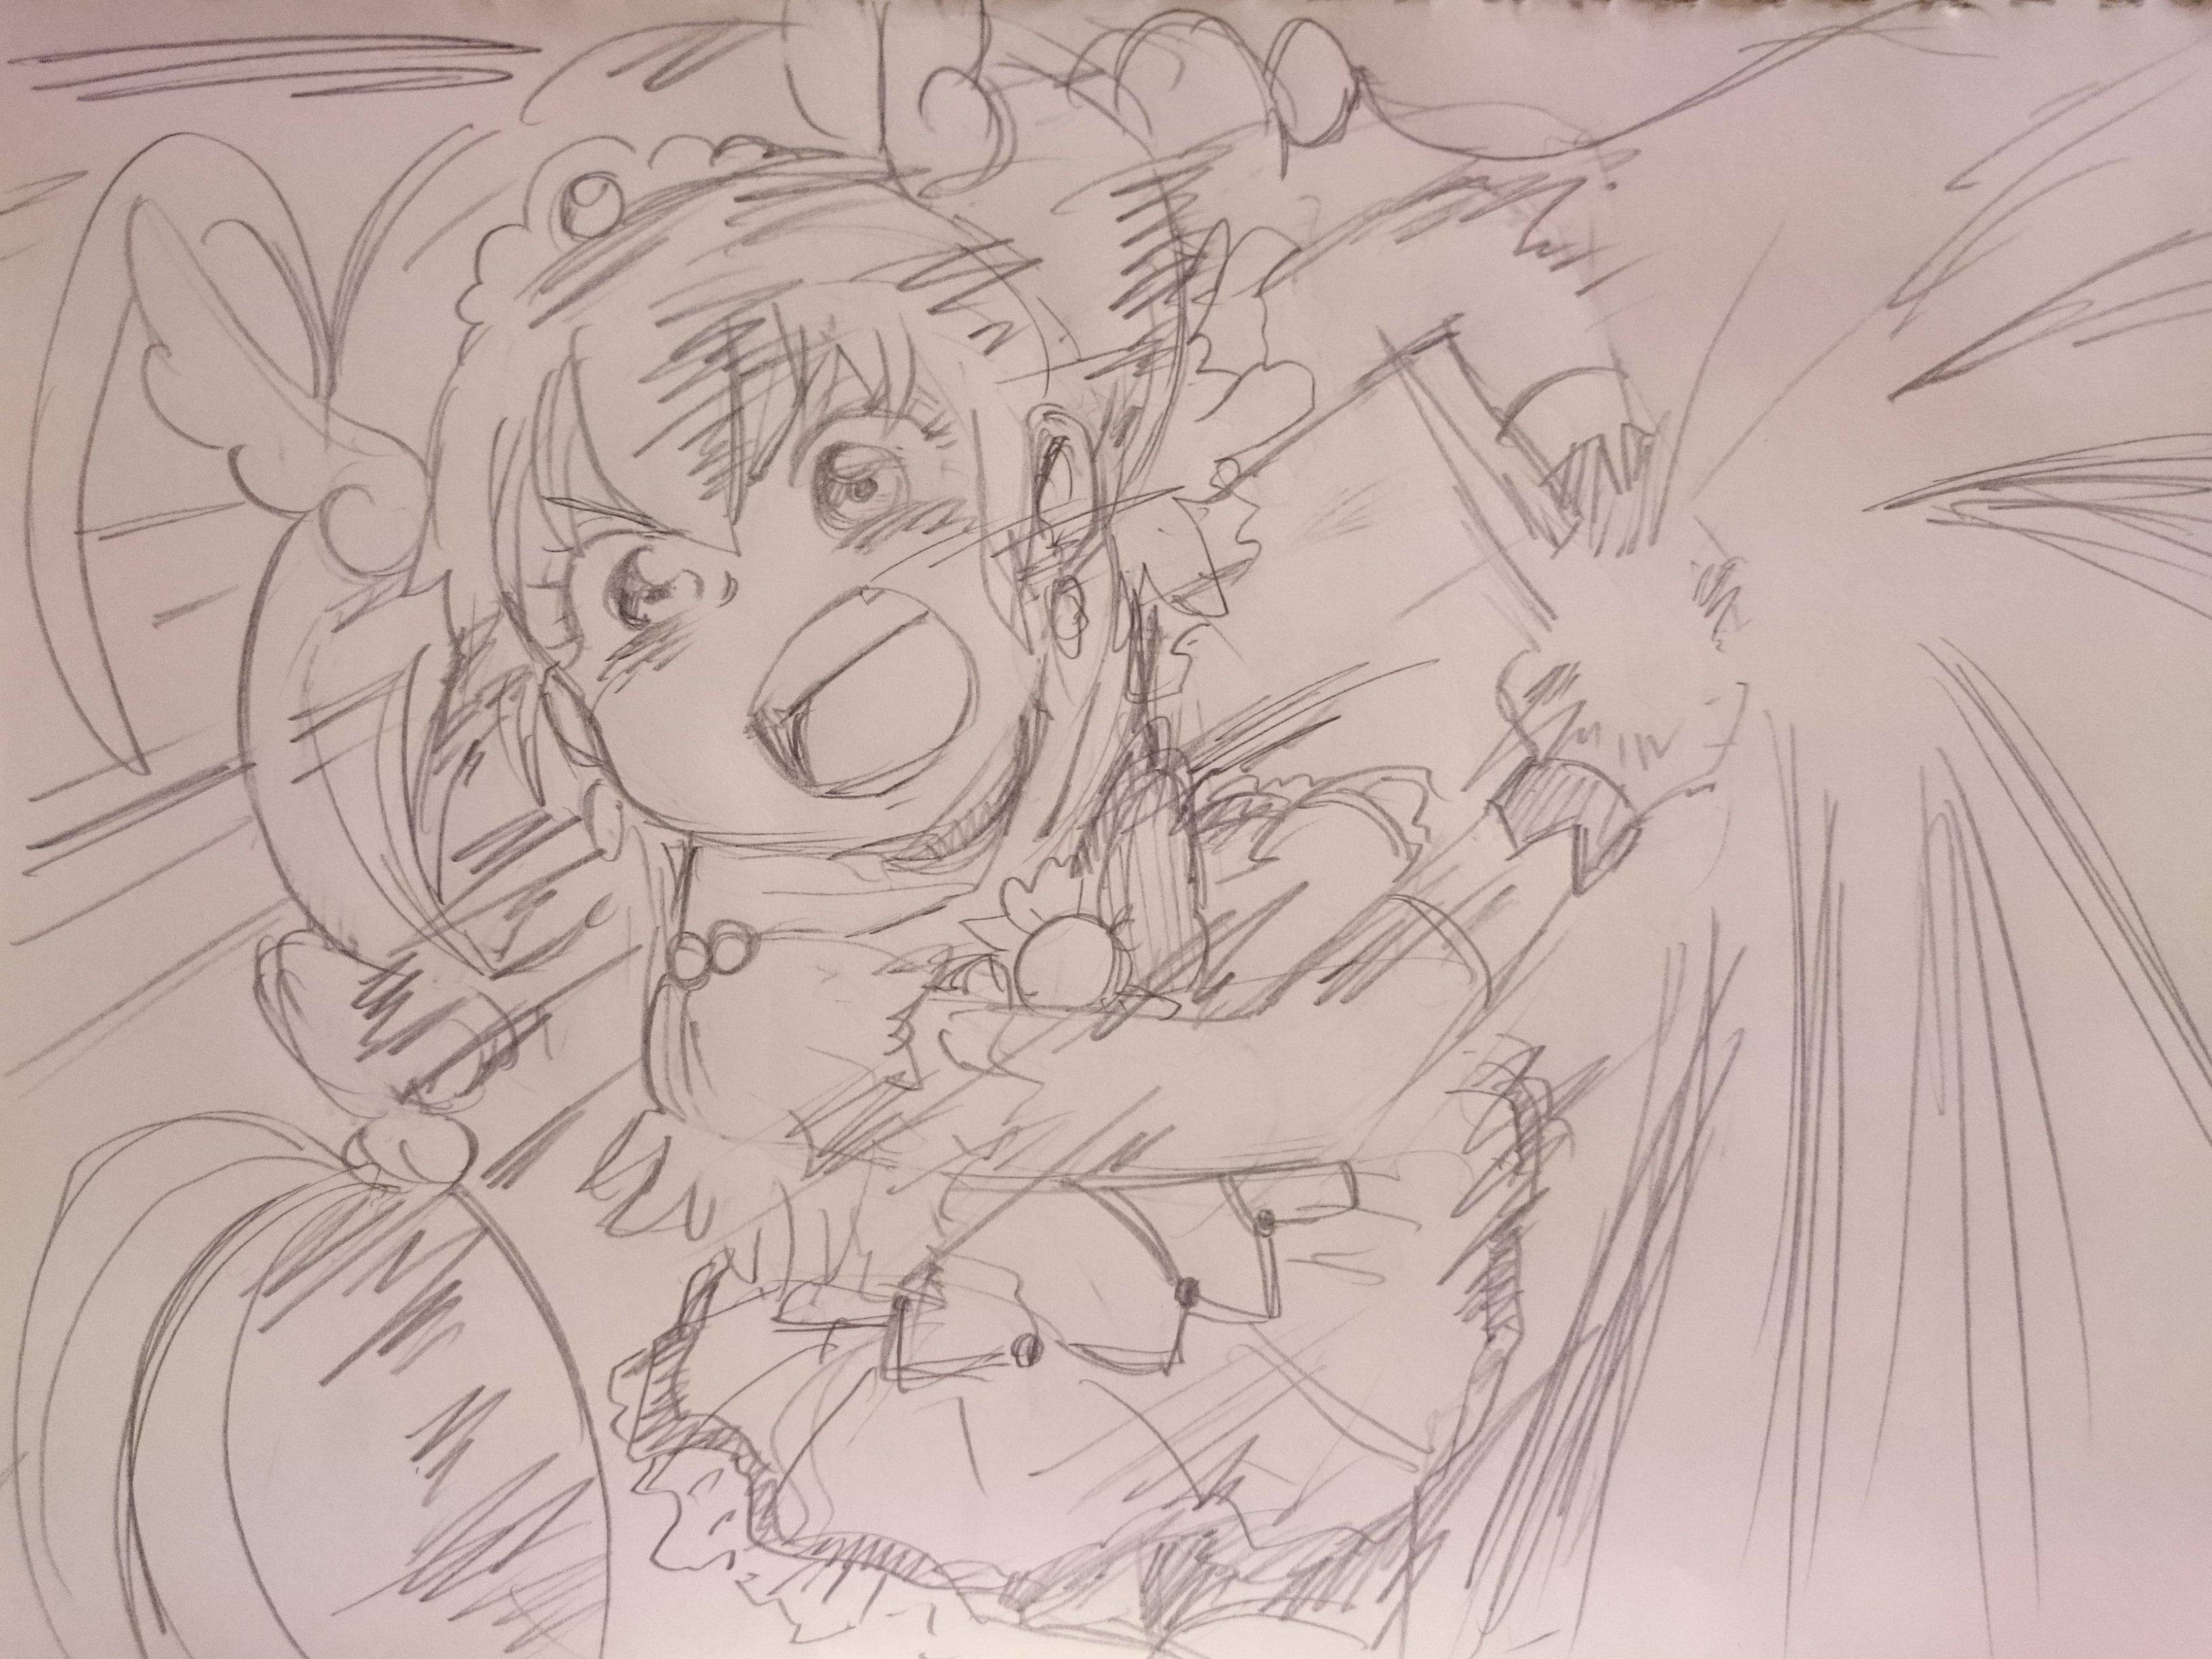 ぱいなっぷる (@pine1go)さんのイラスト